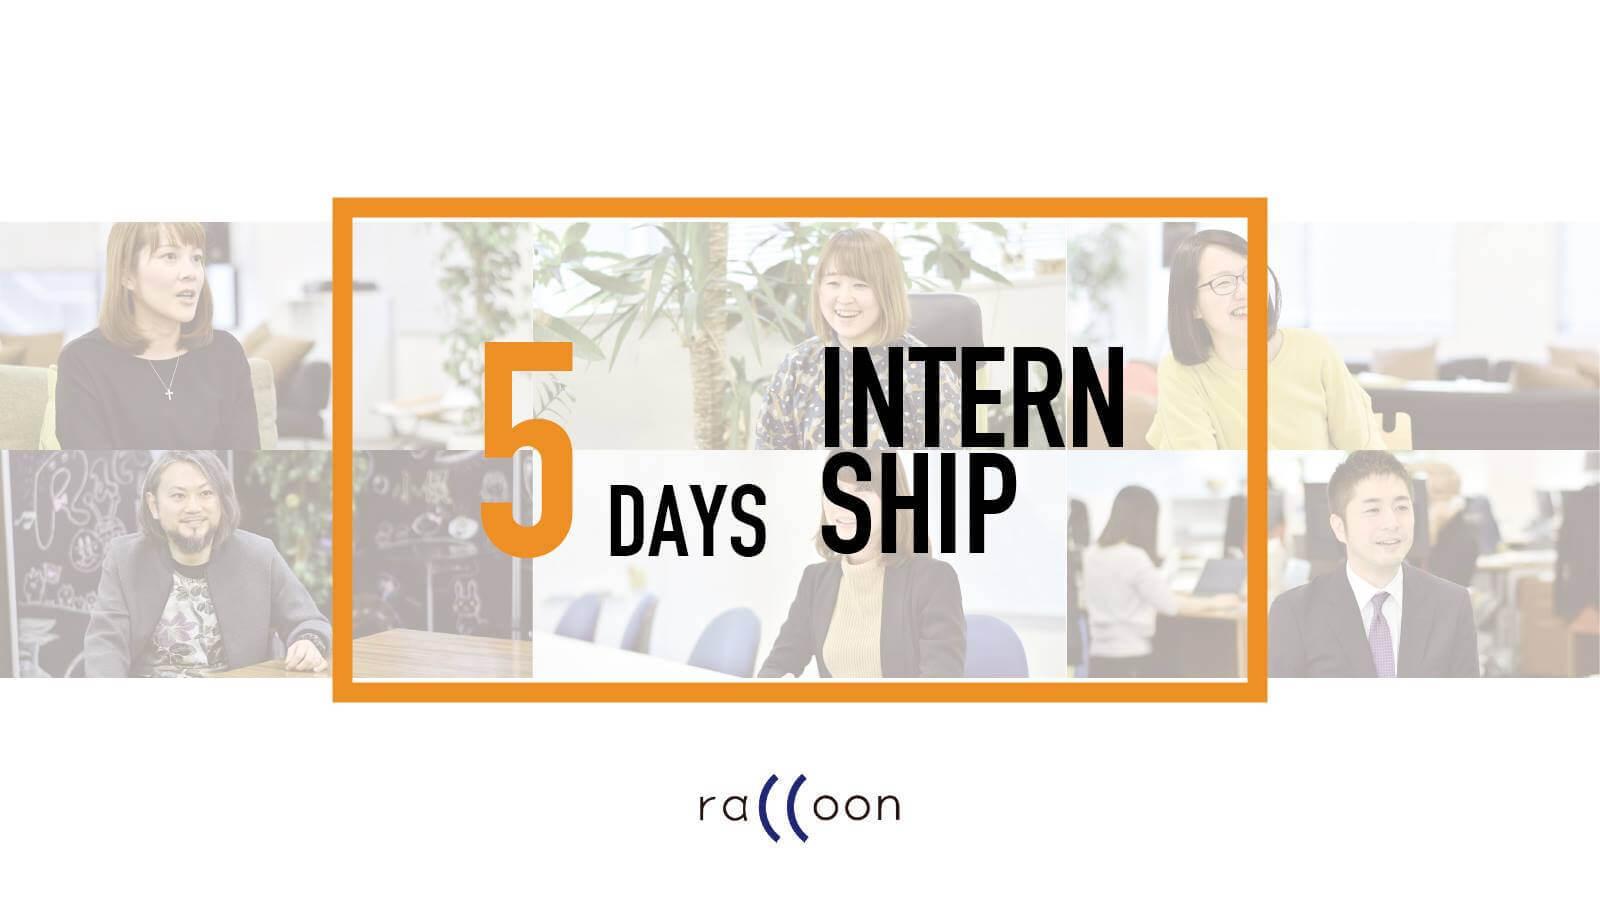 あなたのアイデアが実現されるチャンス!5daysインターン/新規事業立案コースのカバー写真